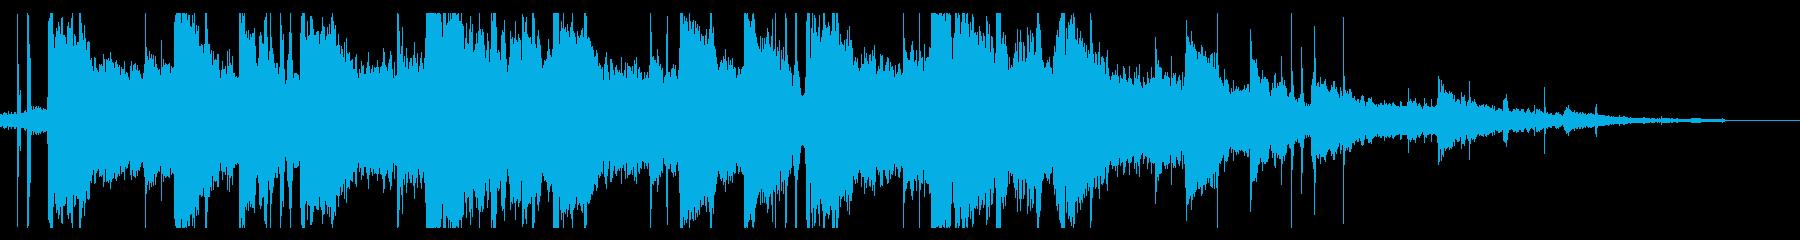 海/ローファイ_No404_2の再生済みの波形